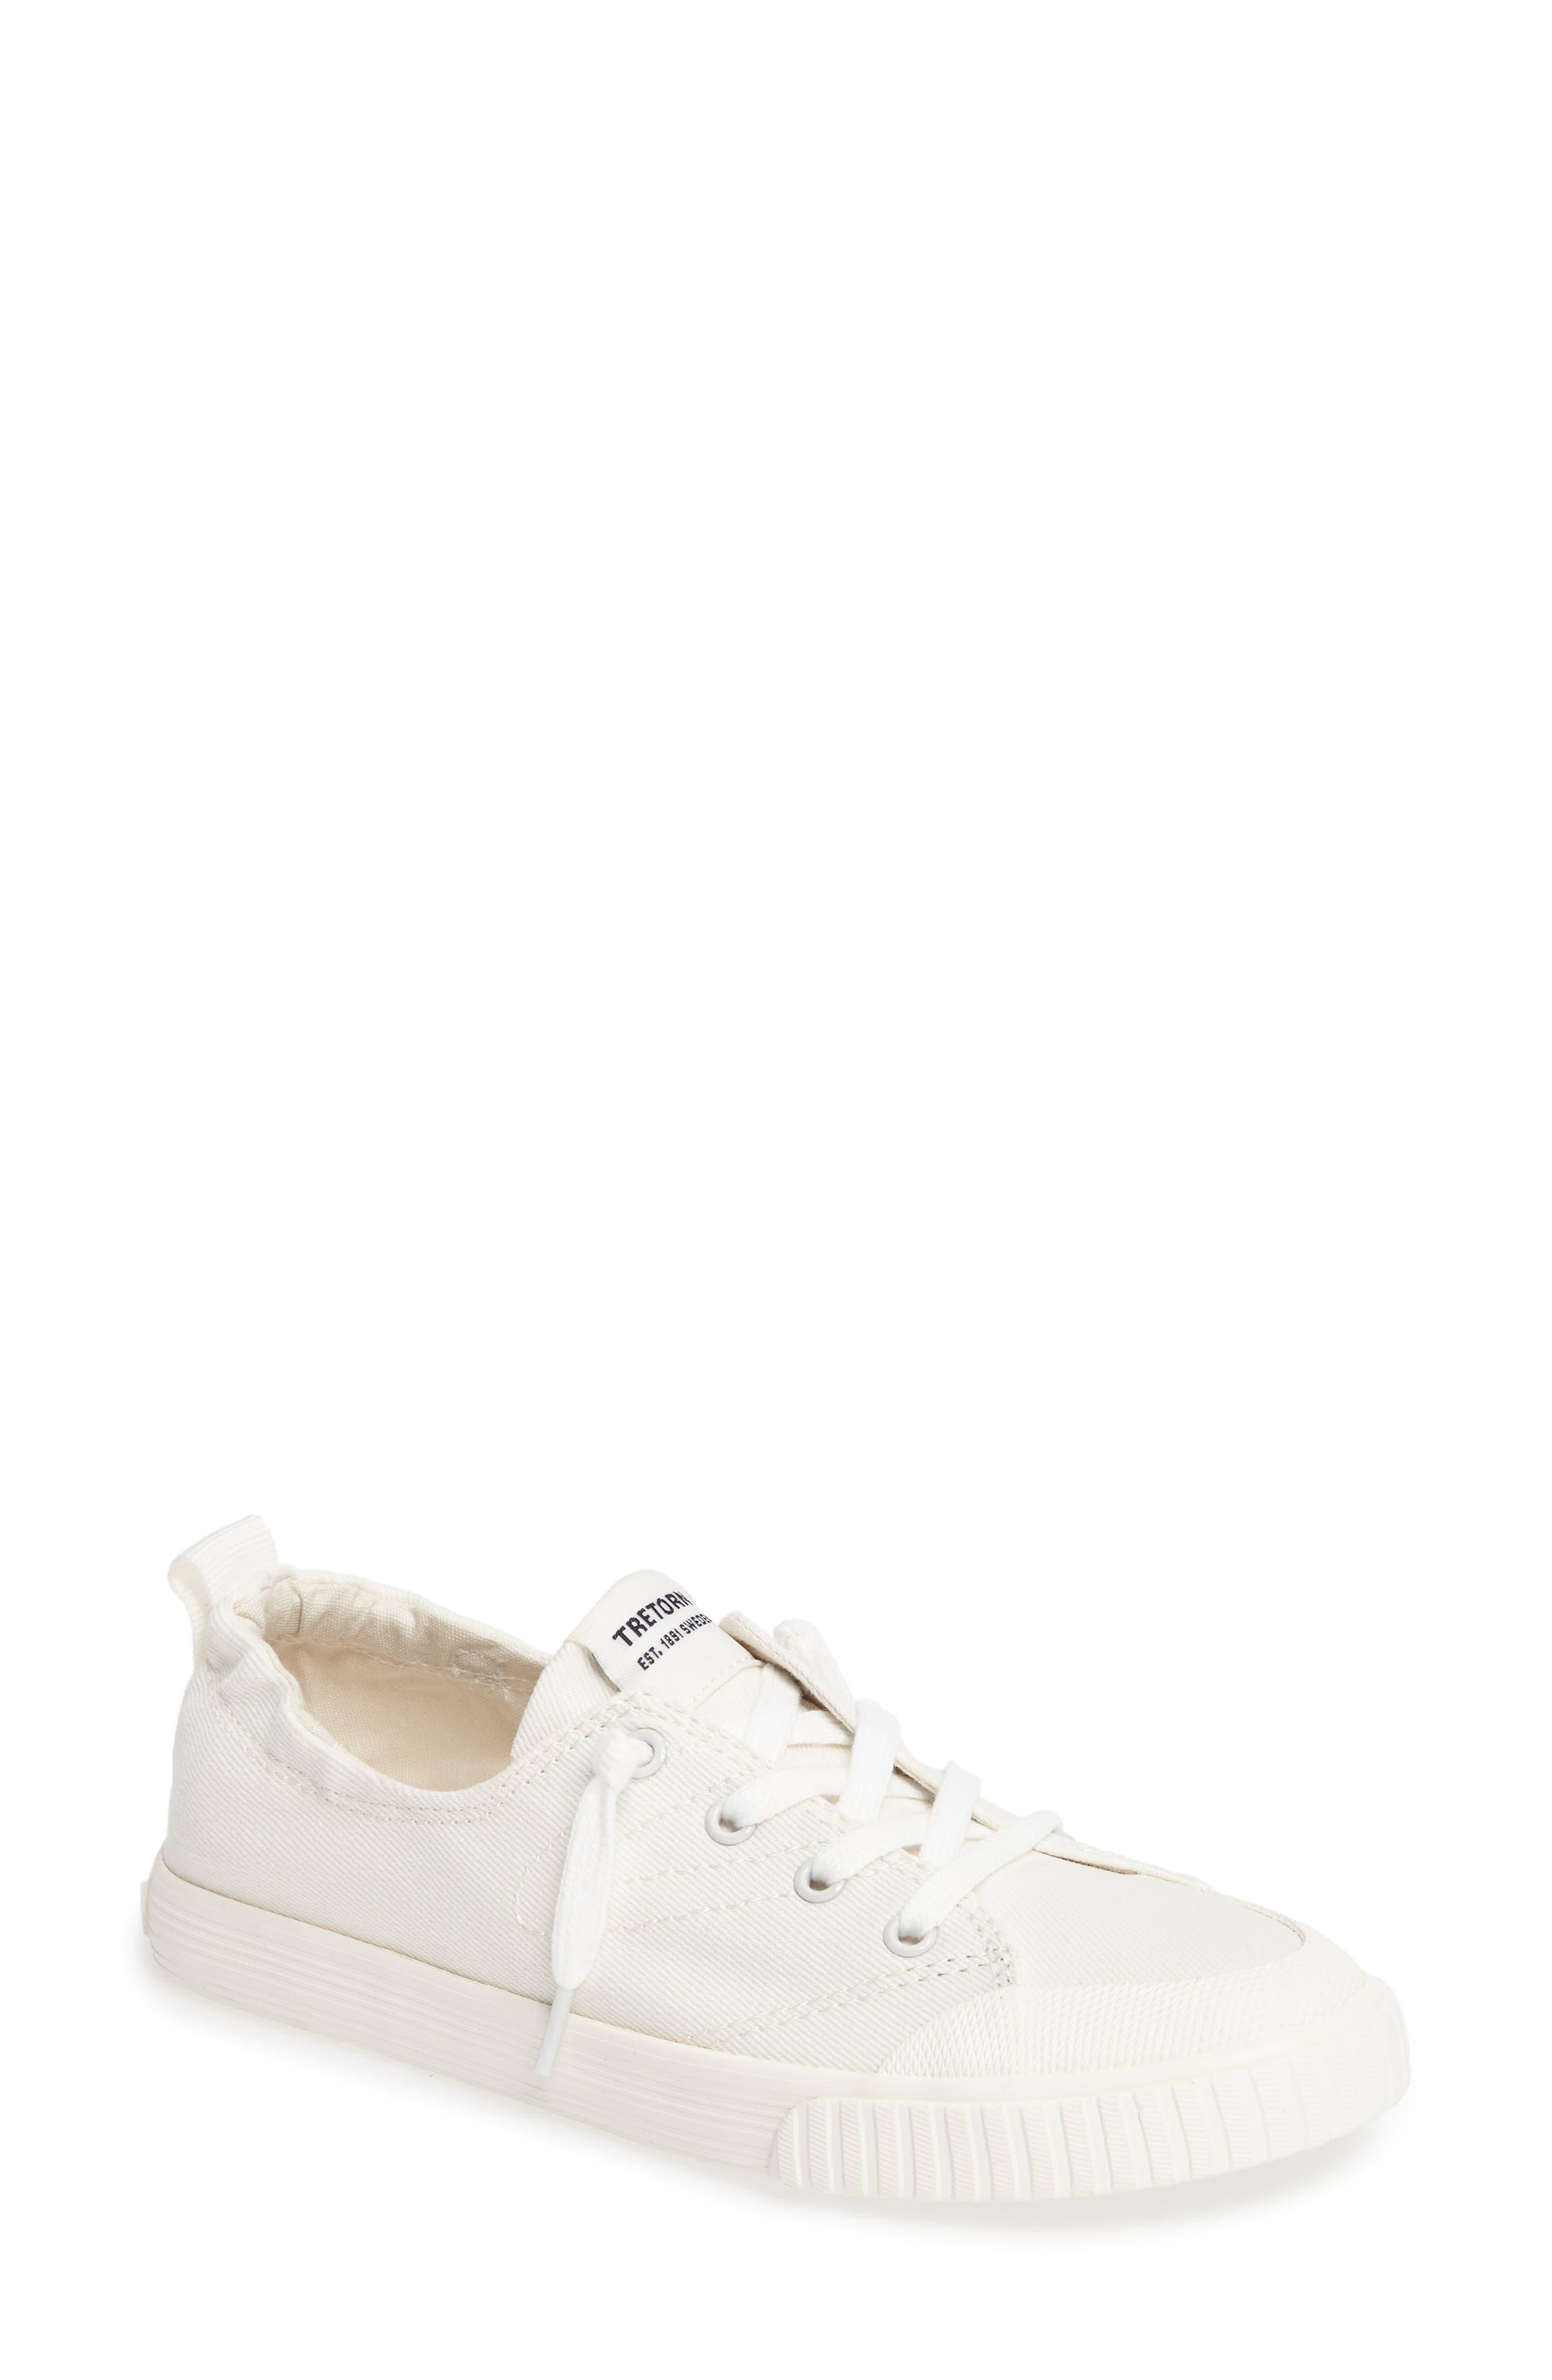 Meg Slip-On Sneaker,                         Main,                         color, Vintage White